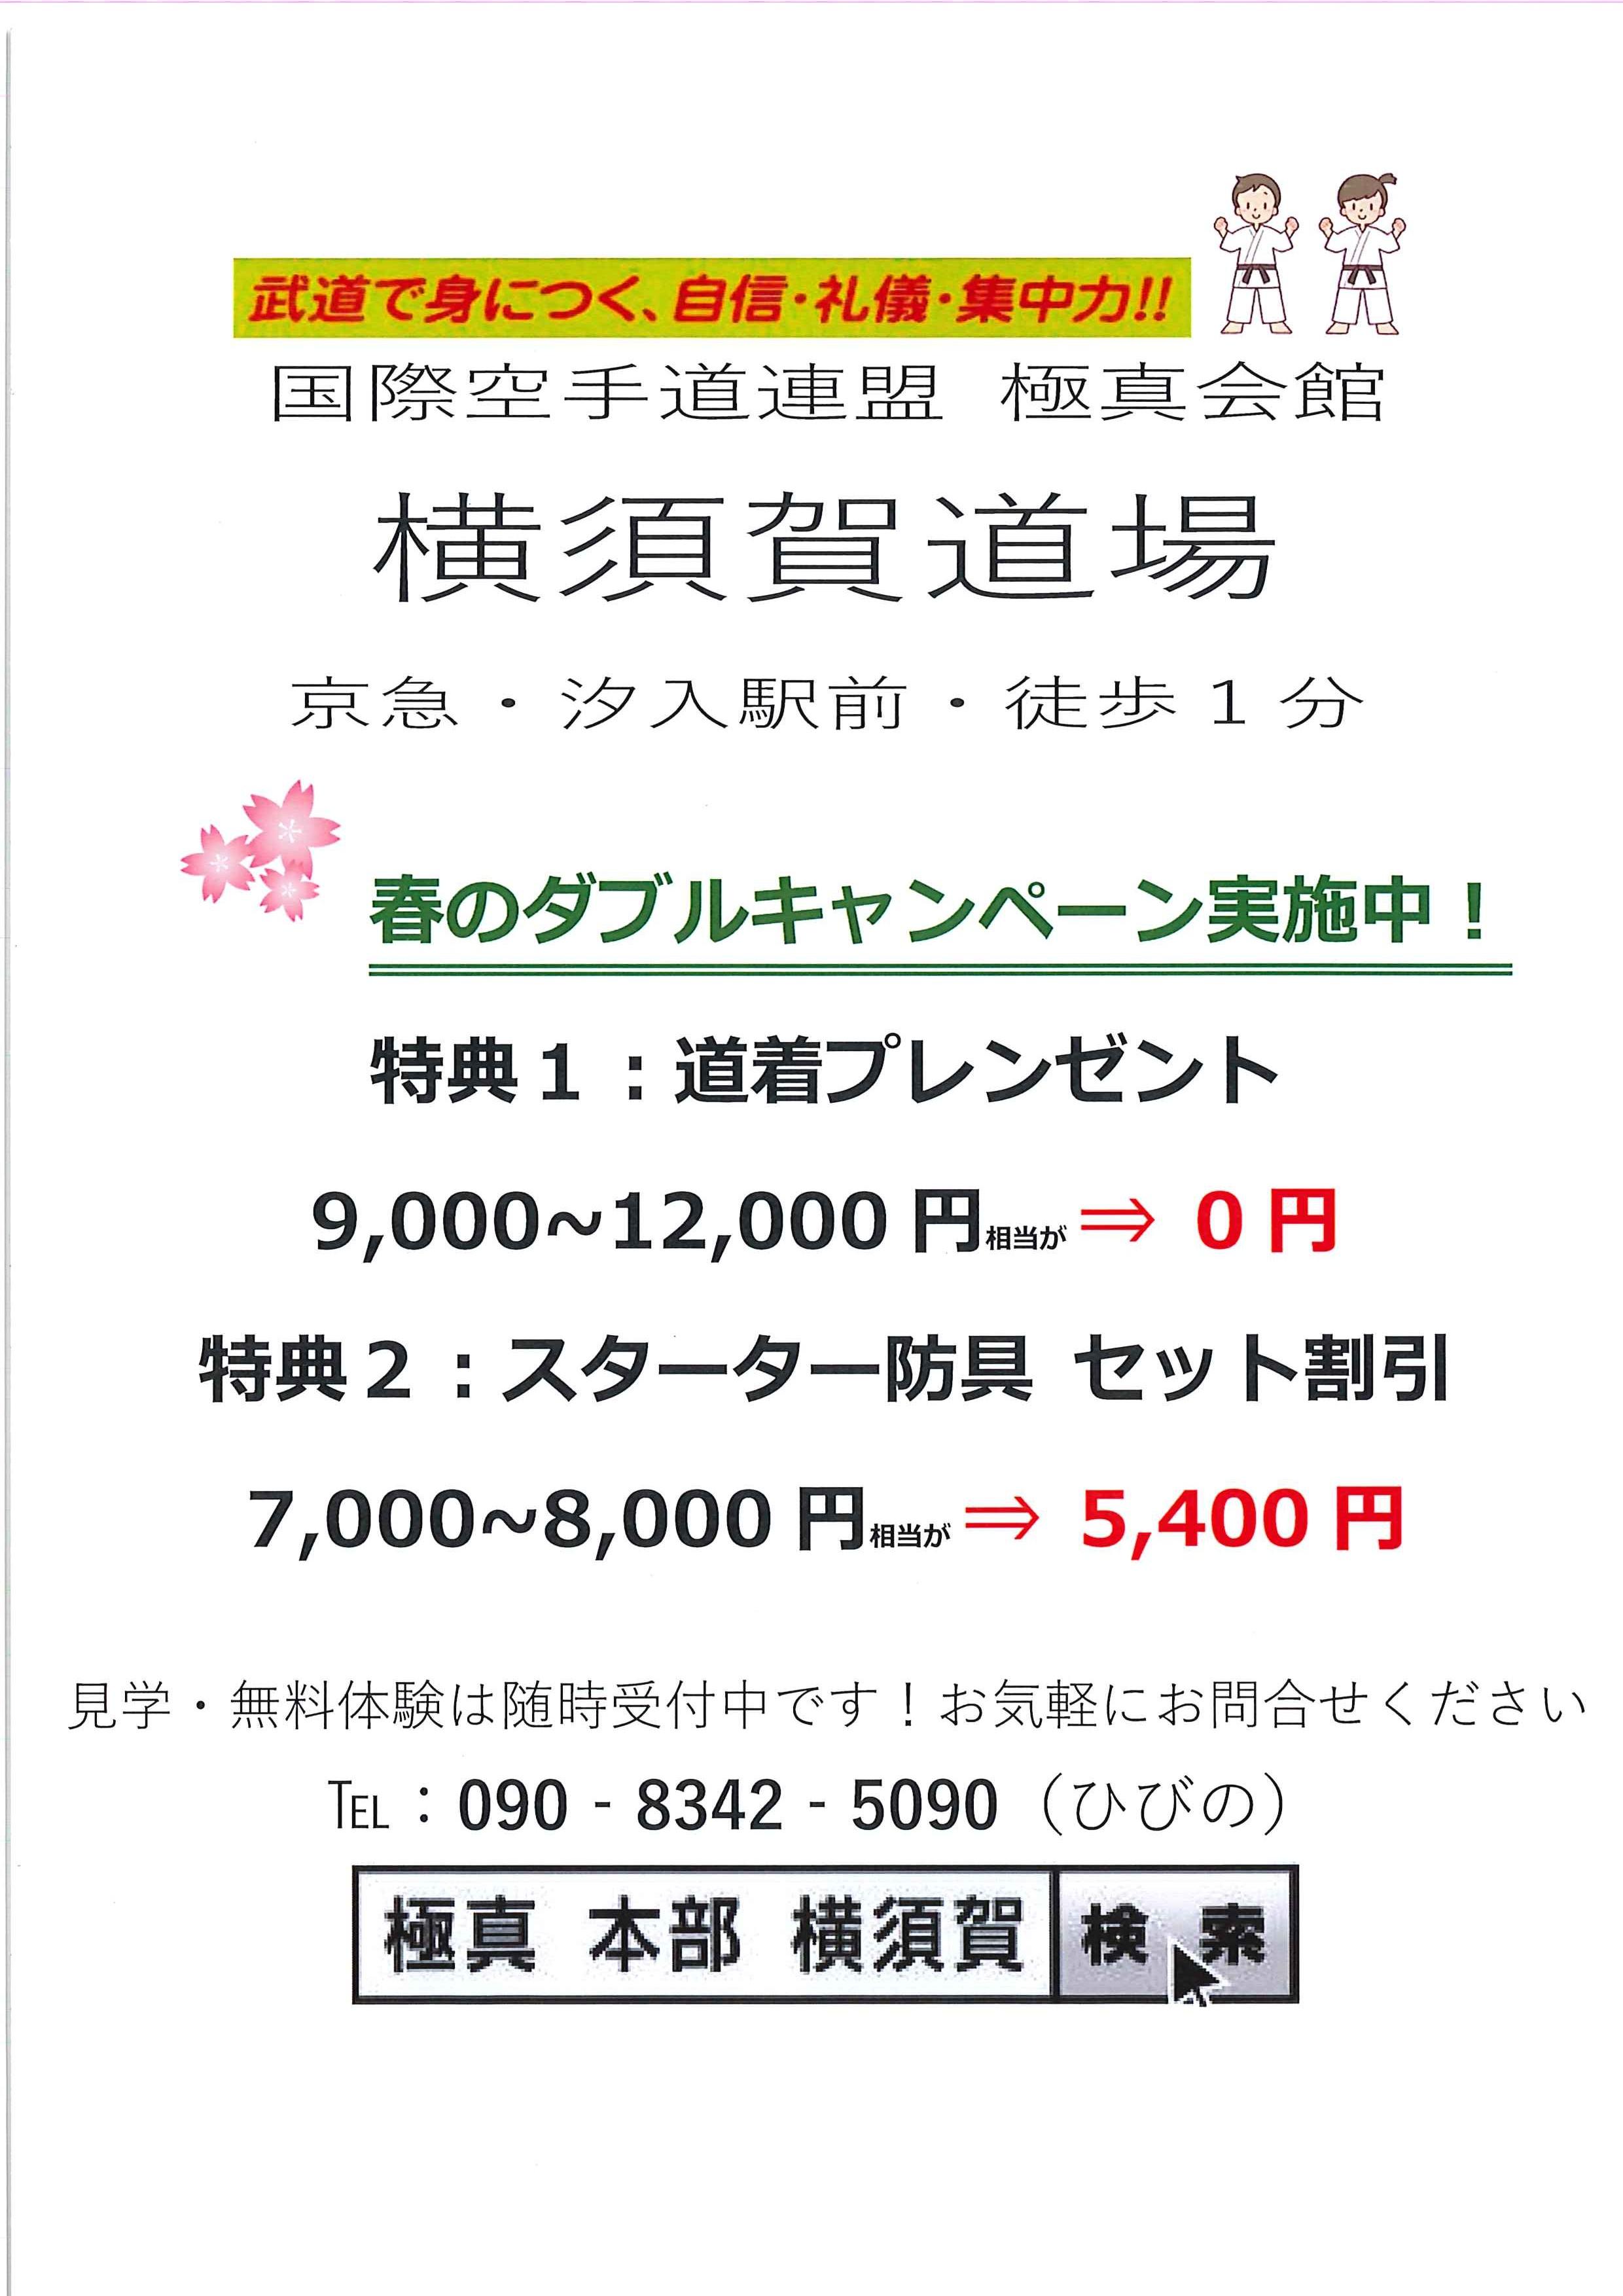 横須賀道場 2018春キャンペーンチラシ